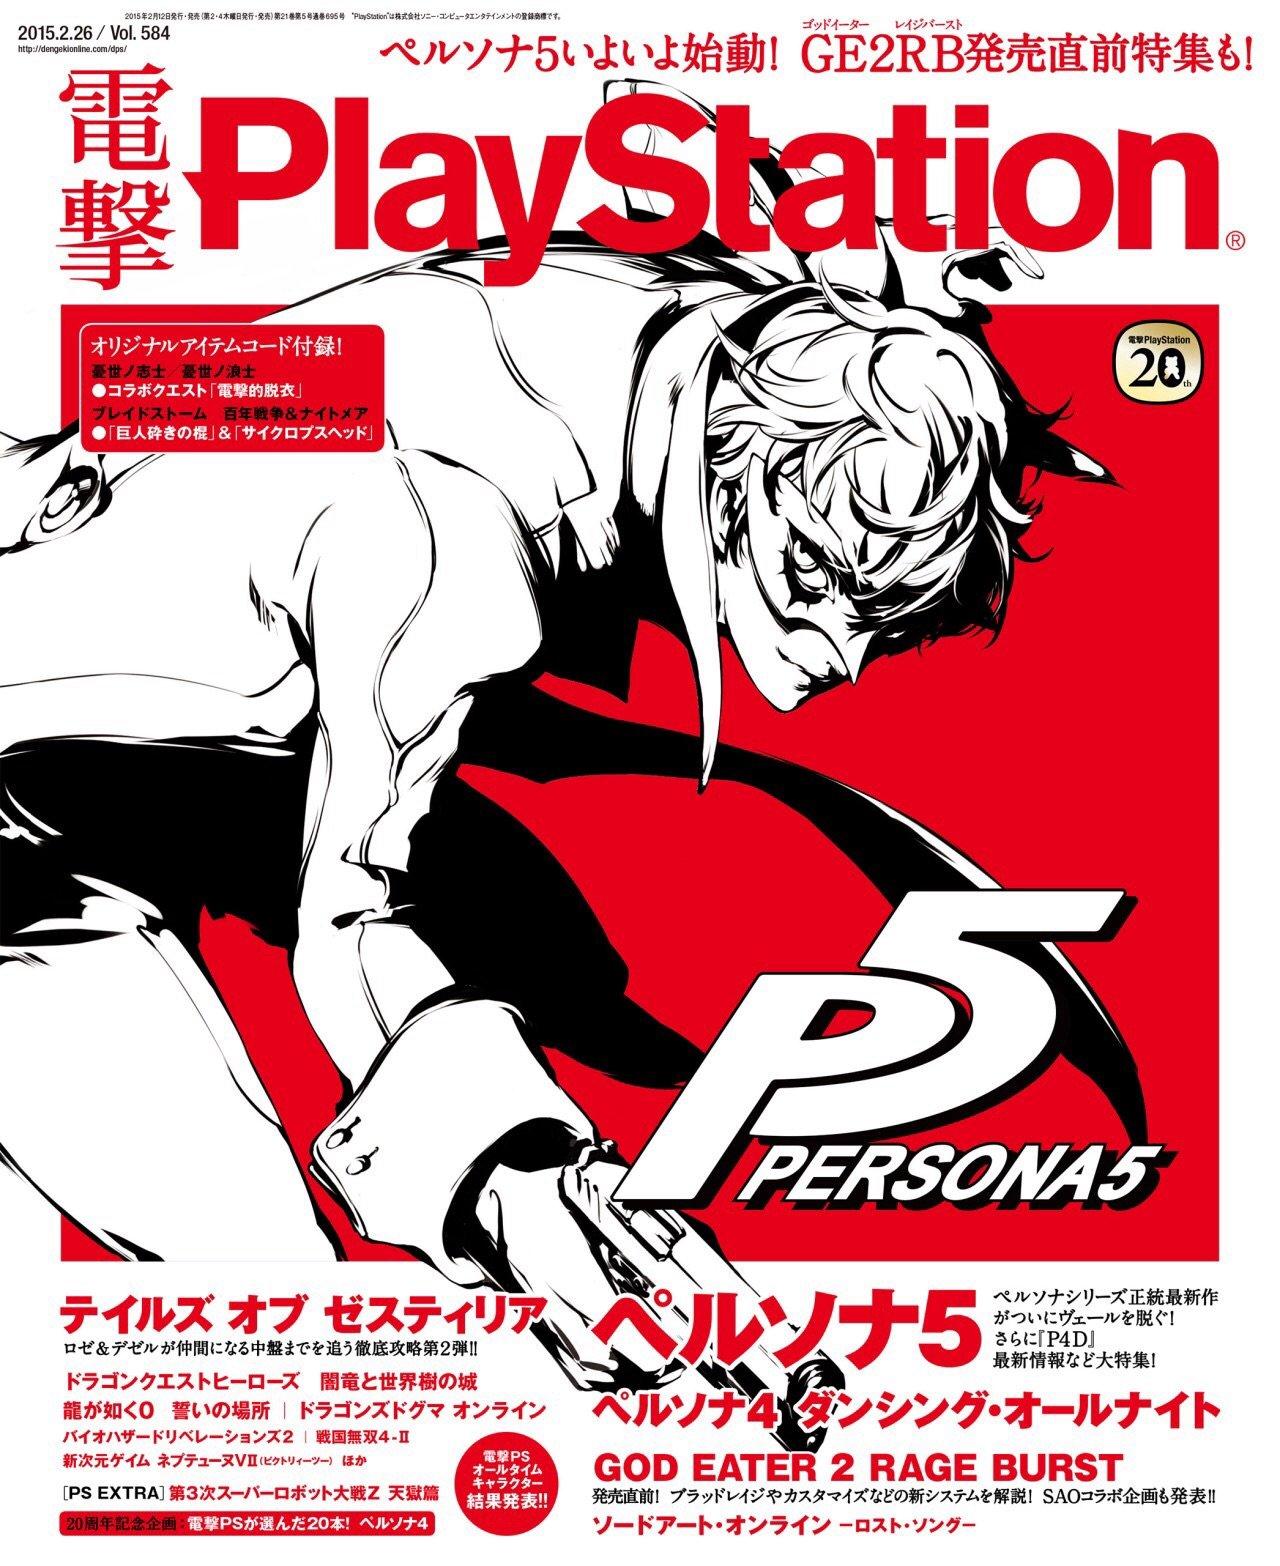 Persona 5 - новые подробности из свежего номера Dengeki PlayStation - Изображение 6